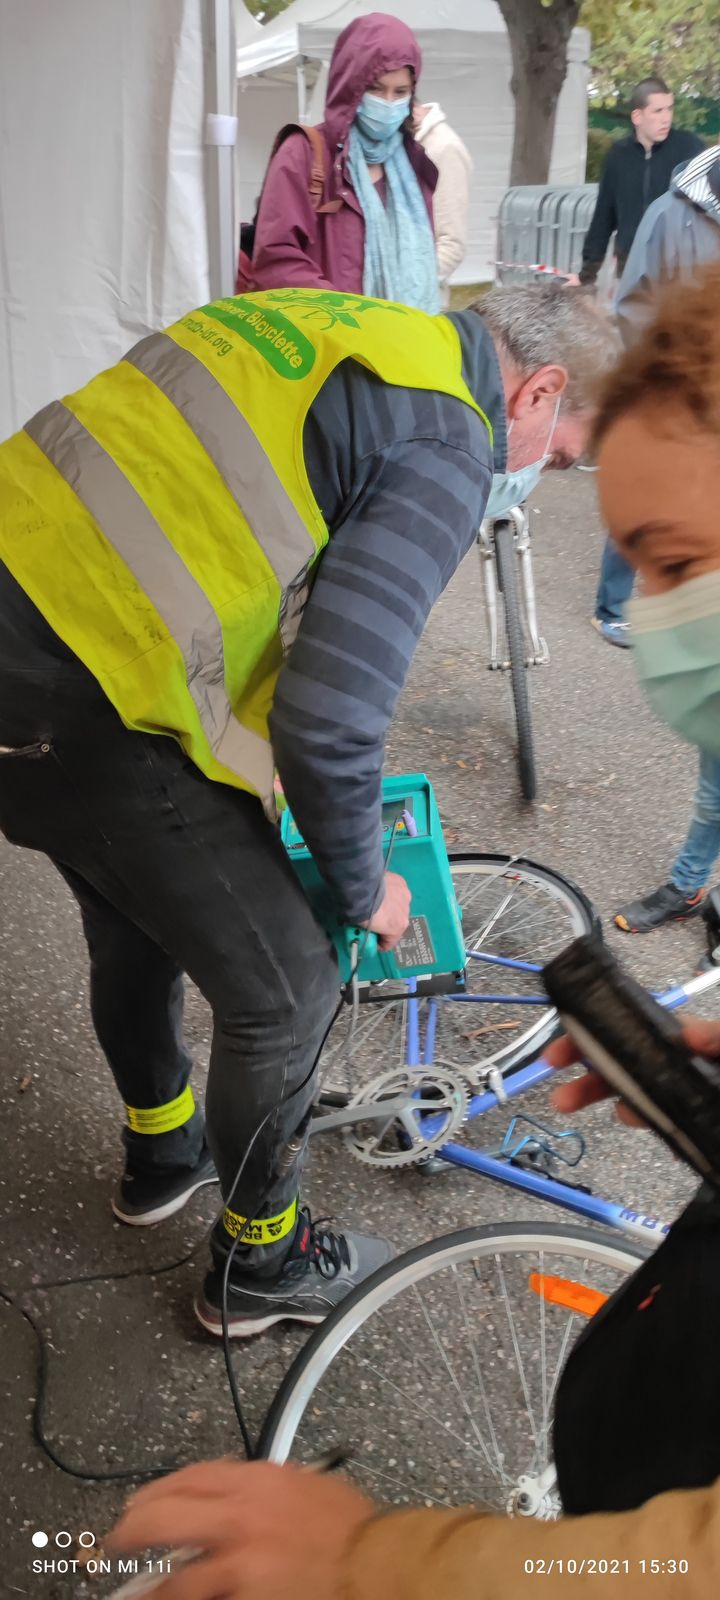 Fête du vélo à Colombes : bourses aux vélos, ateliers réparations et gravage, parcours vélos pour les enfants